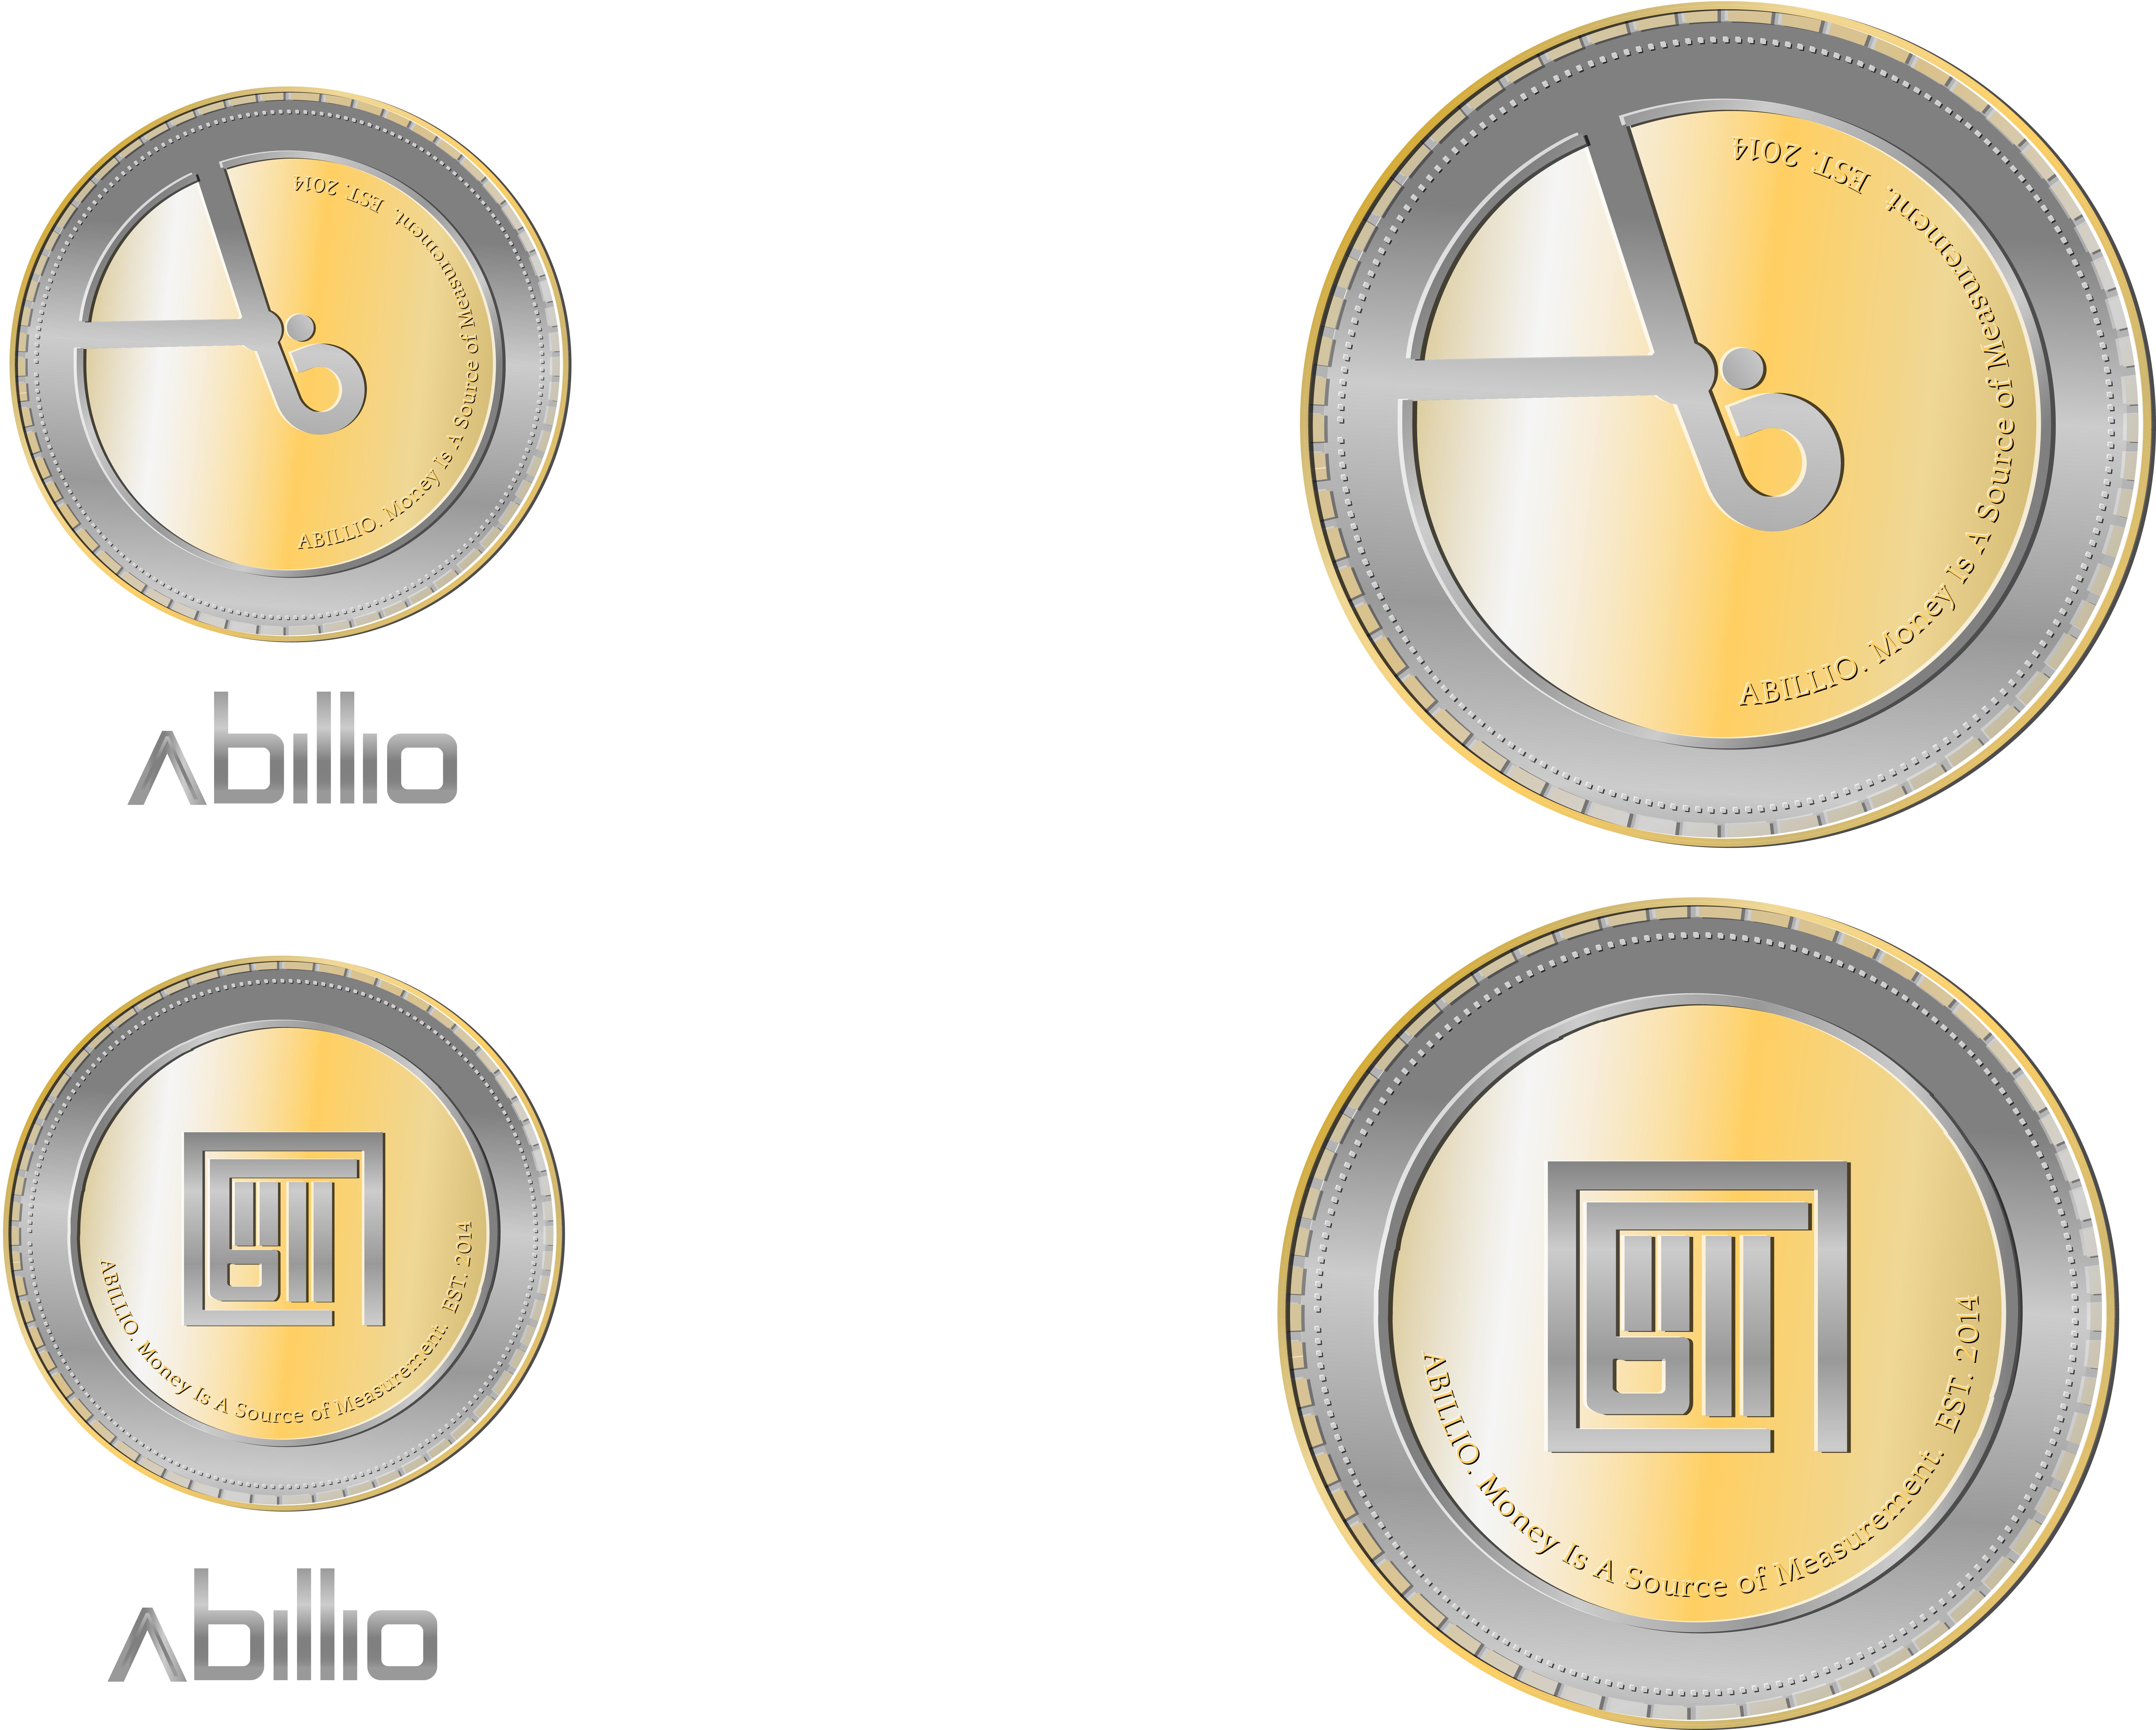 Abillio_logo-Coins.jpg